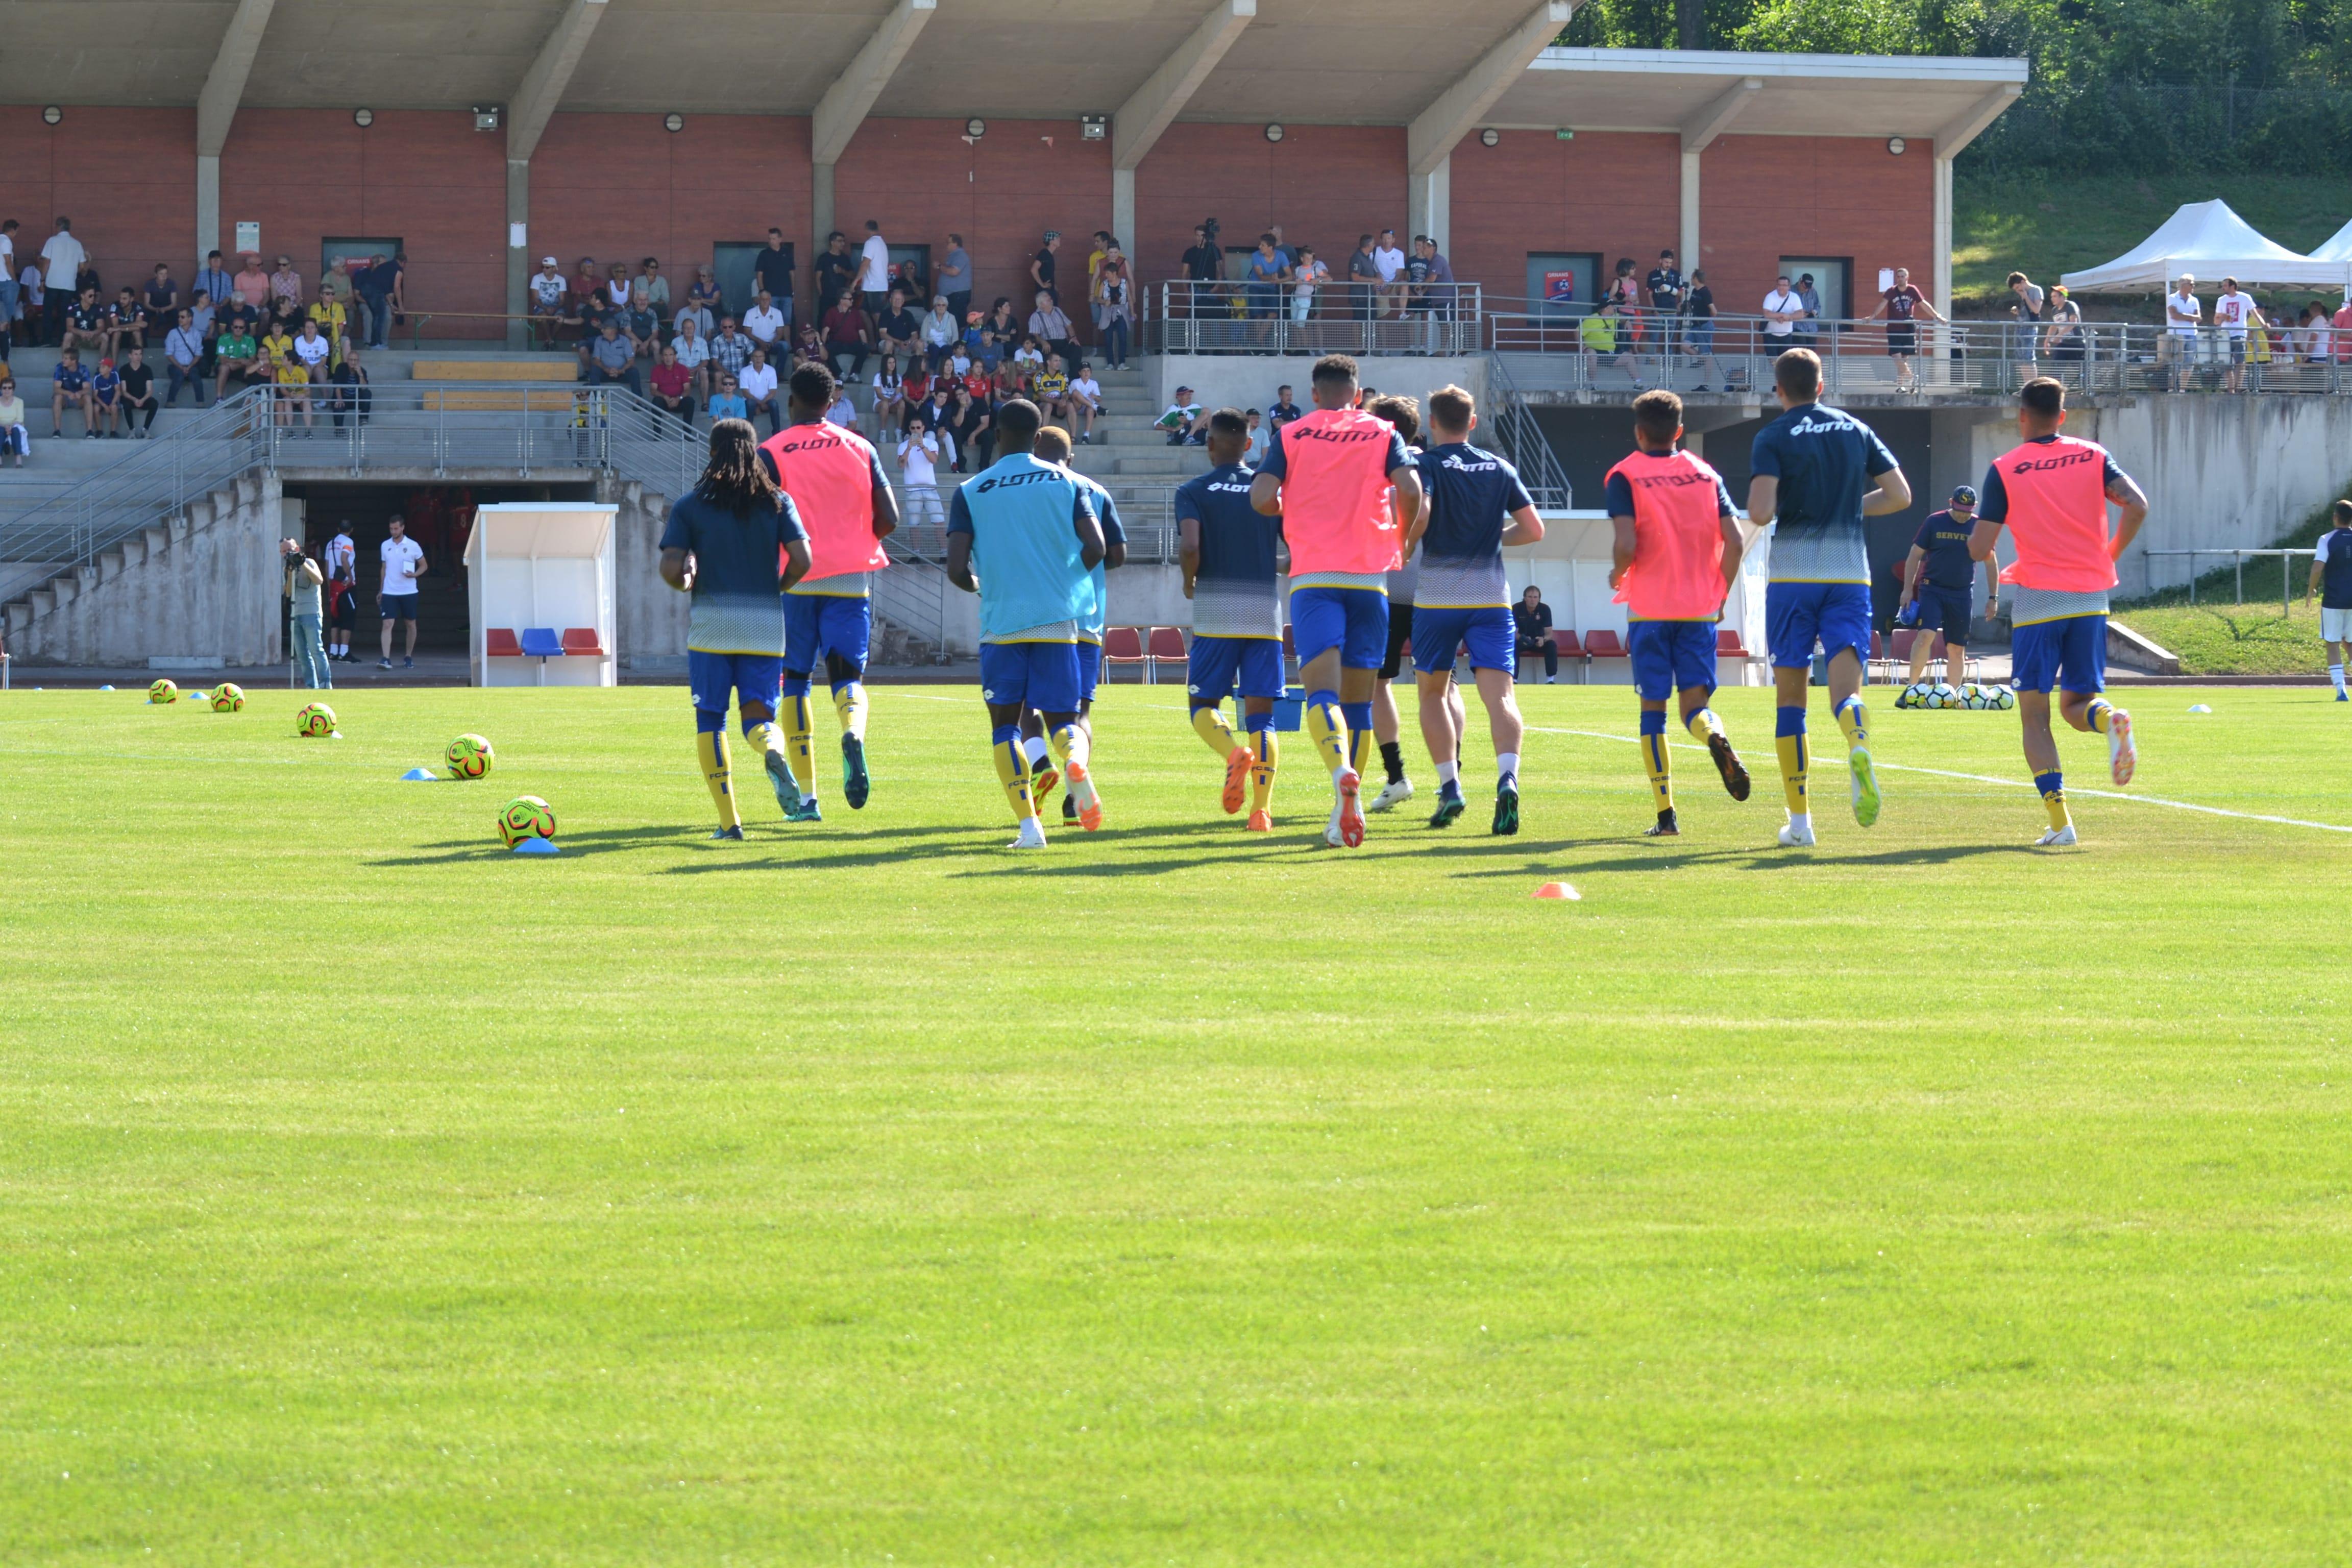 Photo match amical entre le FC Sochaux Montbéliard et le FC Servette Genève